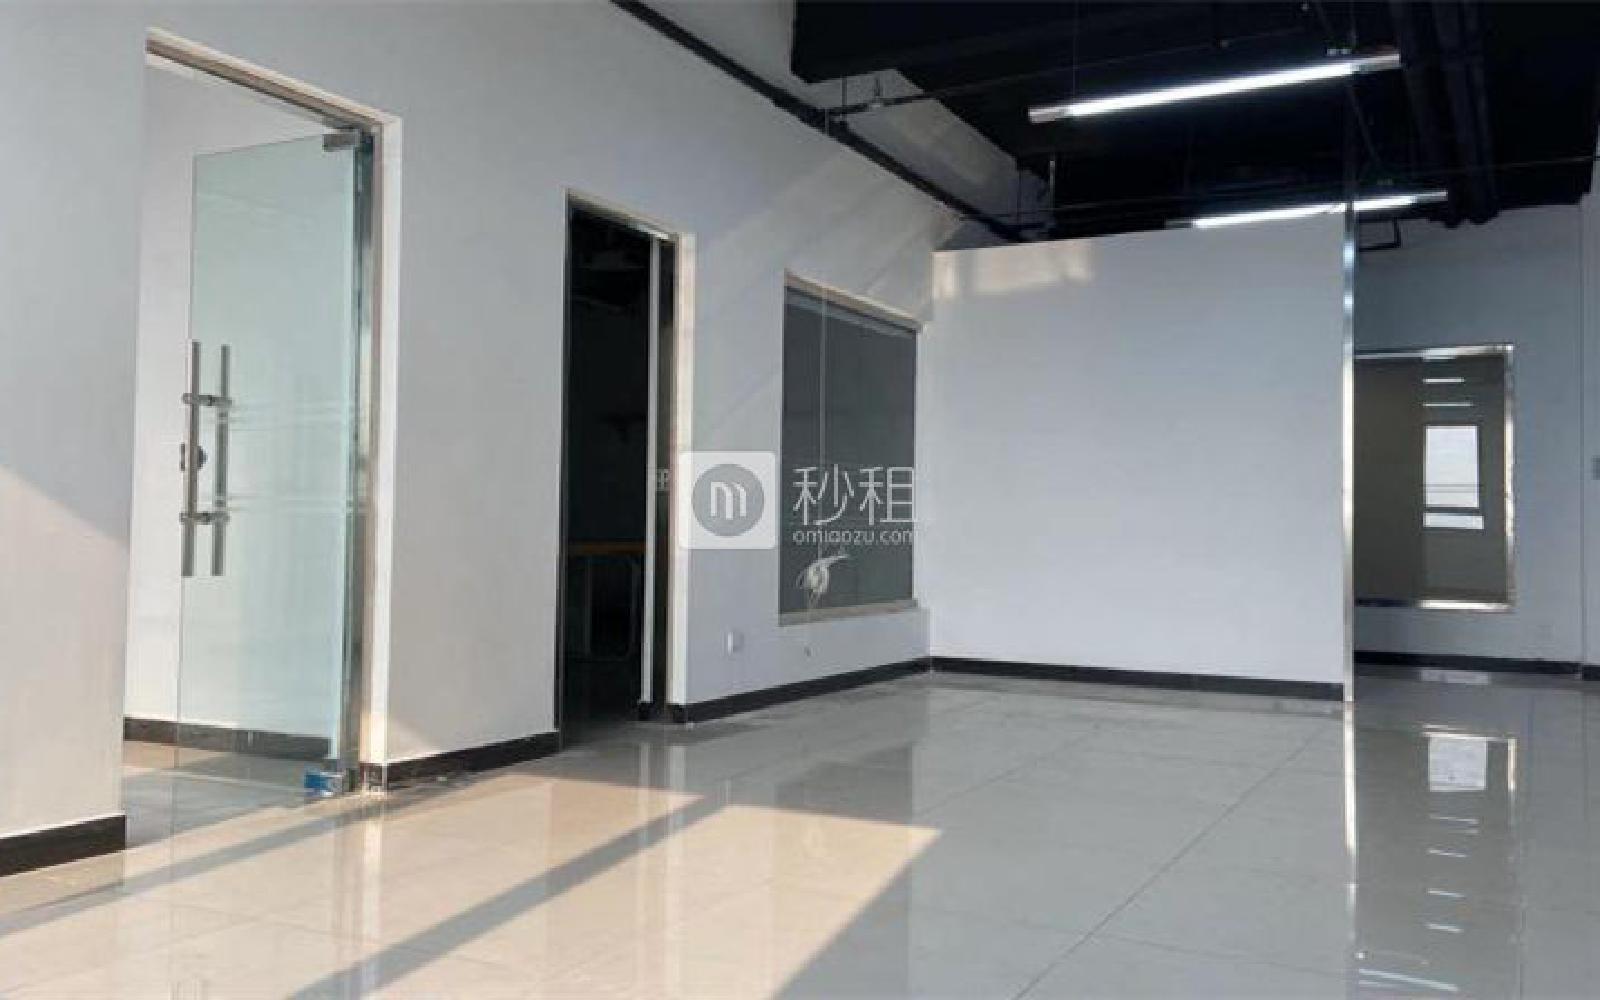 昌平-回龙观 龙冠商务中心银座-乐邦乐成创业基地 145m²